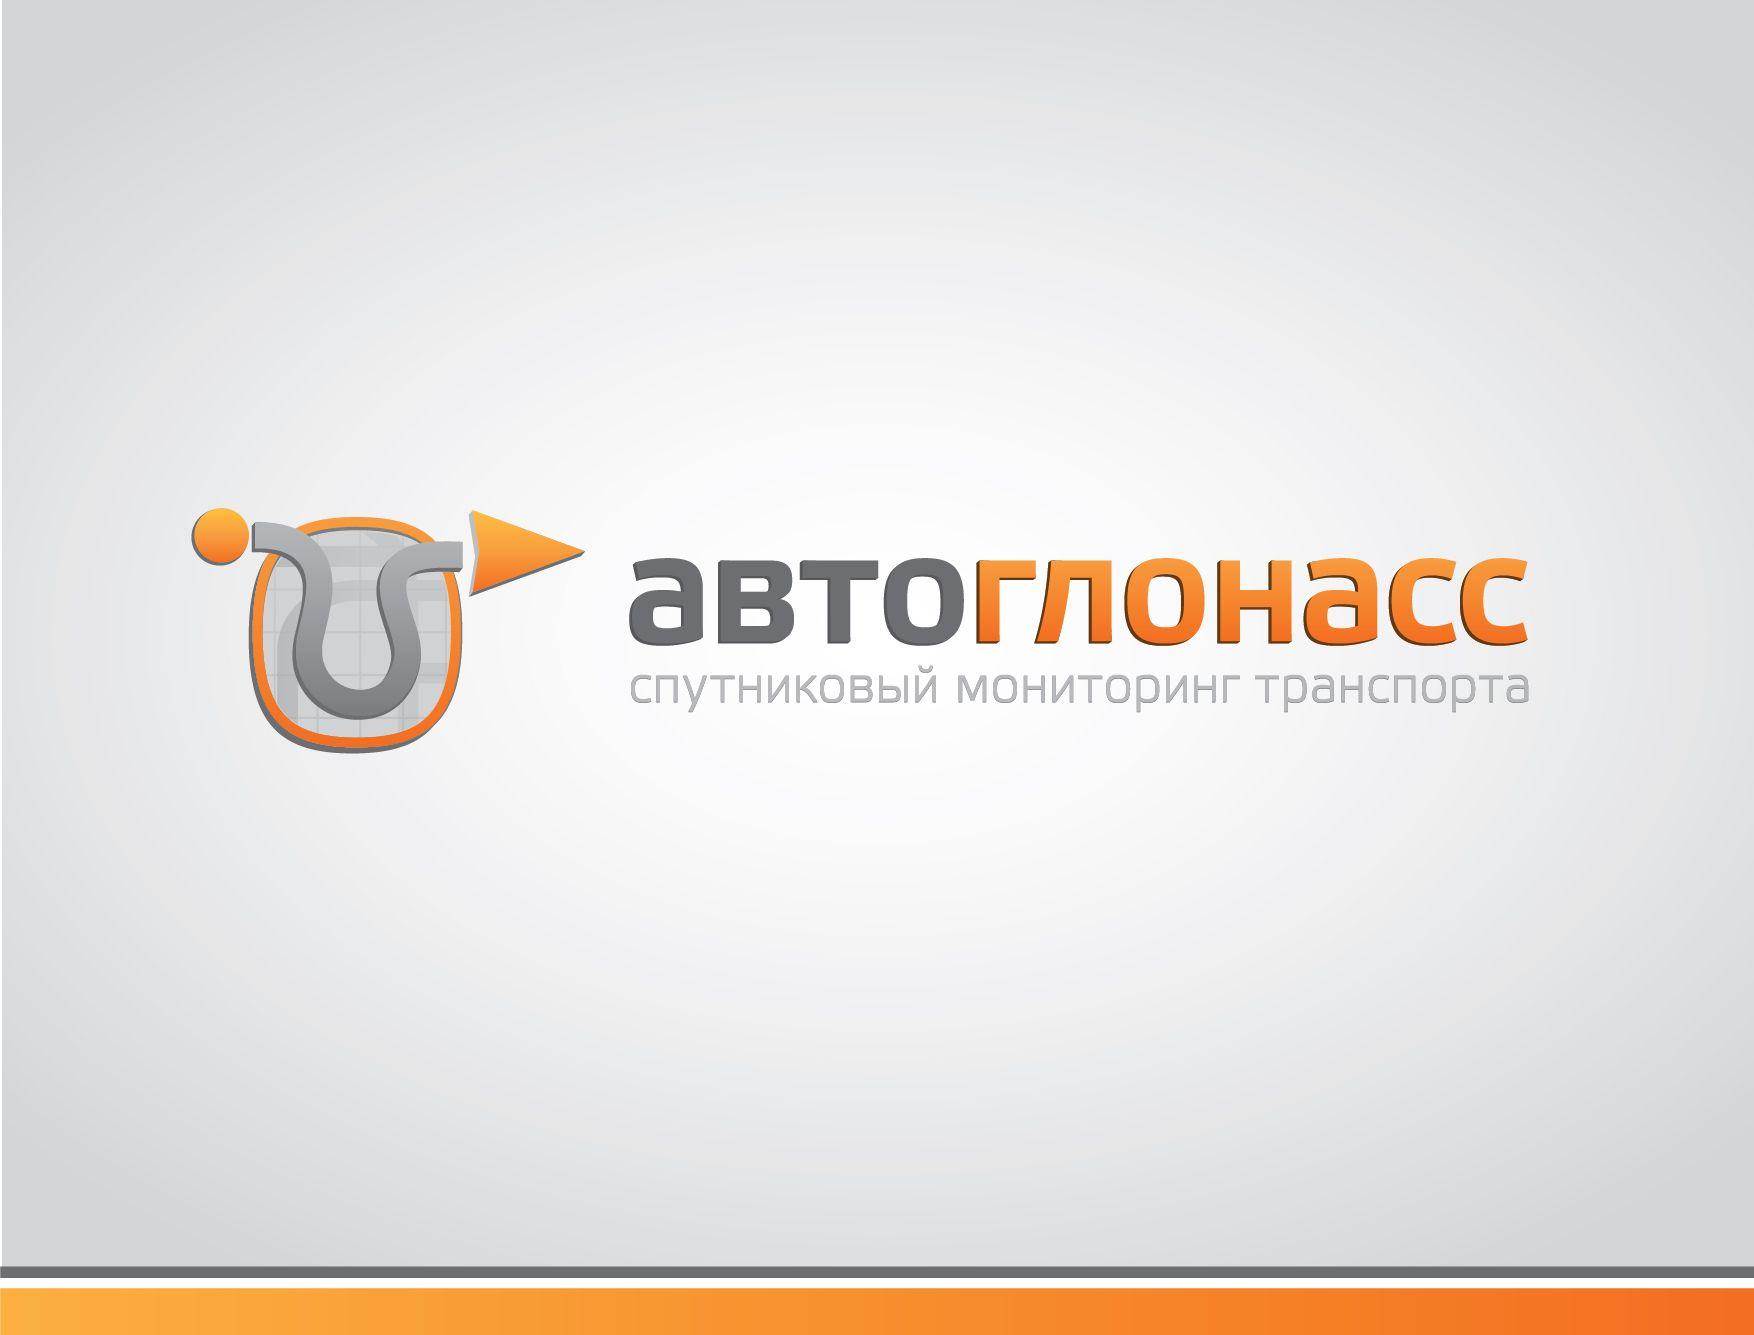 Логотип и фирменный стиль проекта АвтоГЛОНАСС - дизайнер Cammerariy